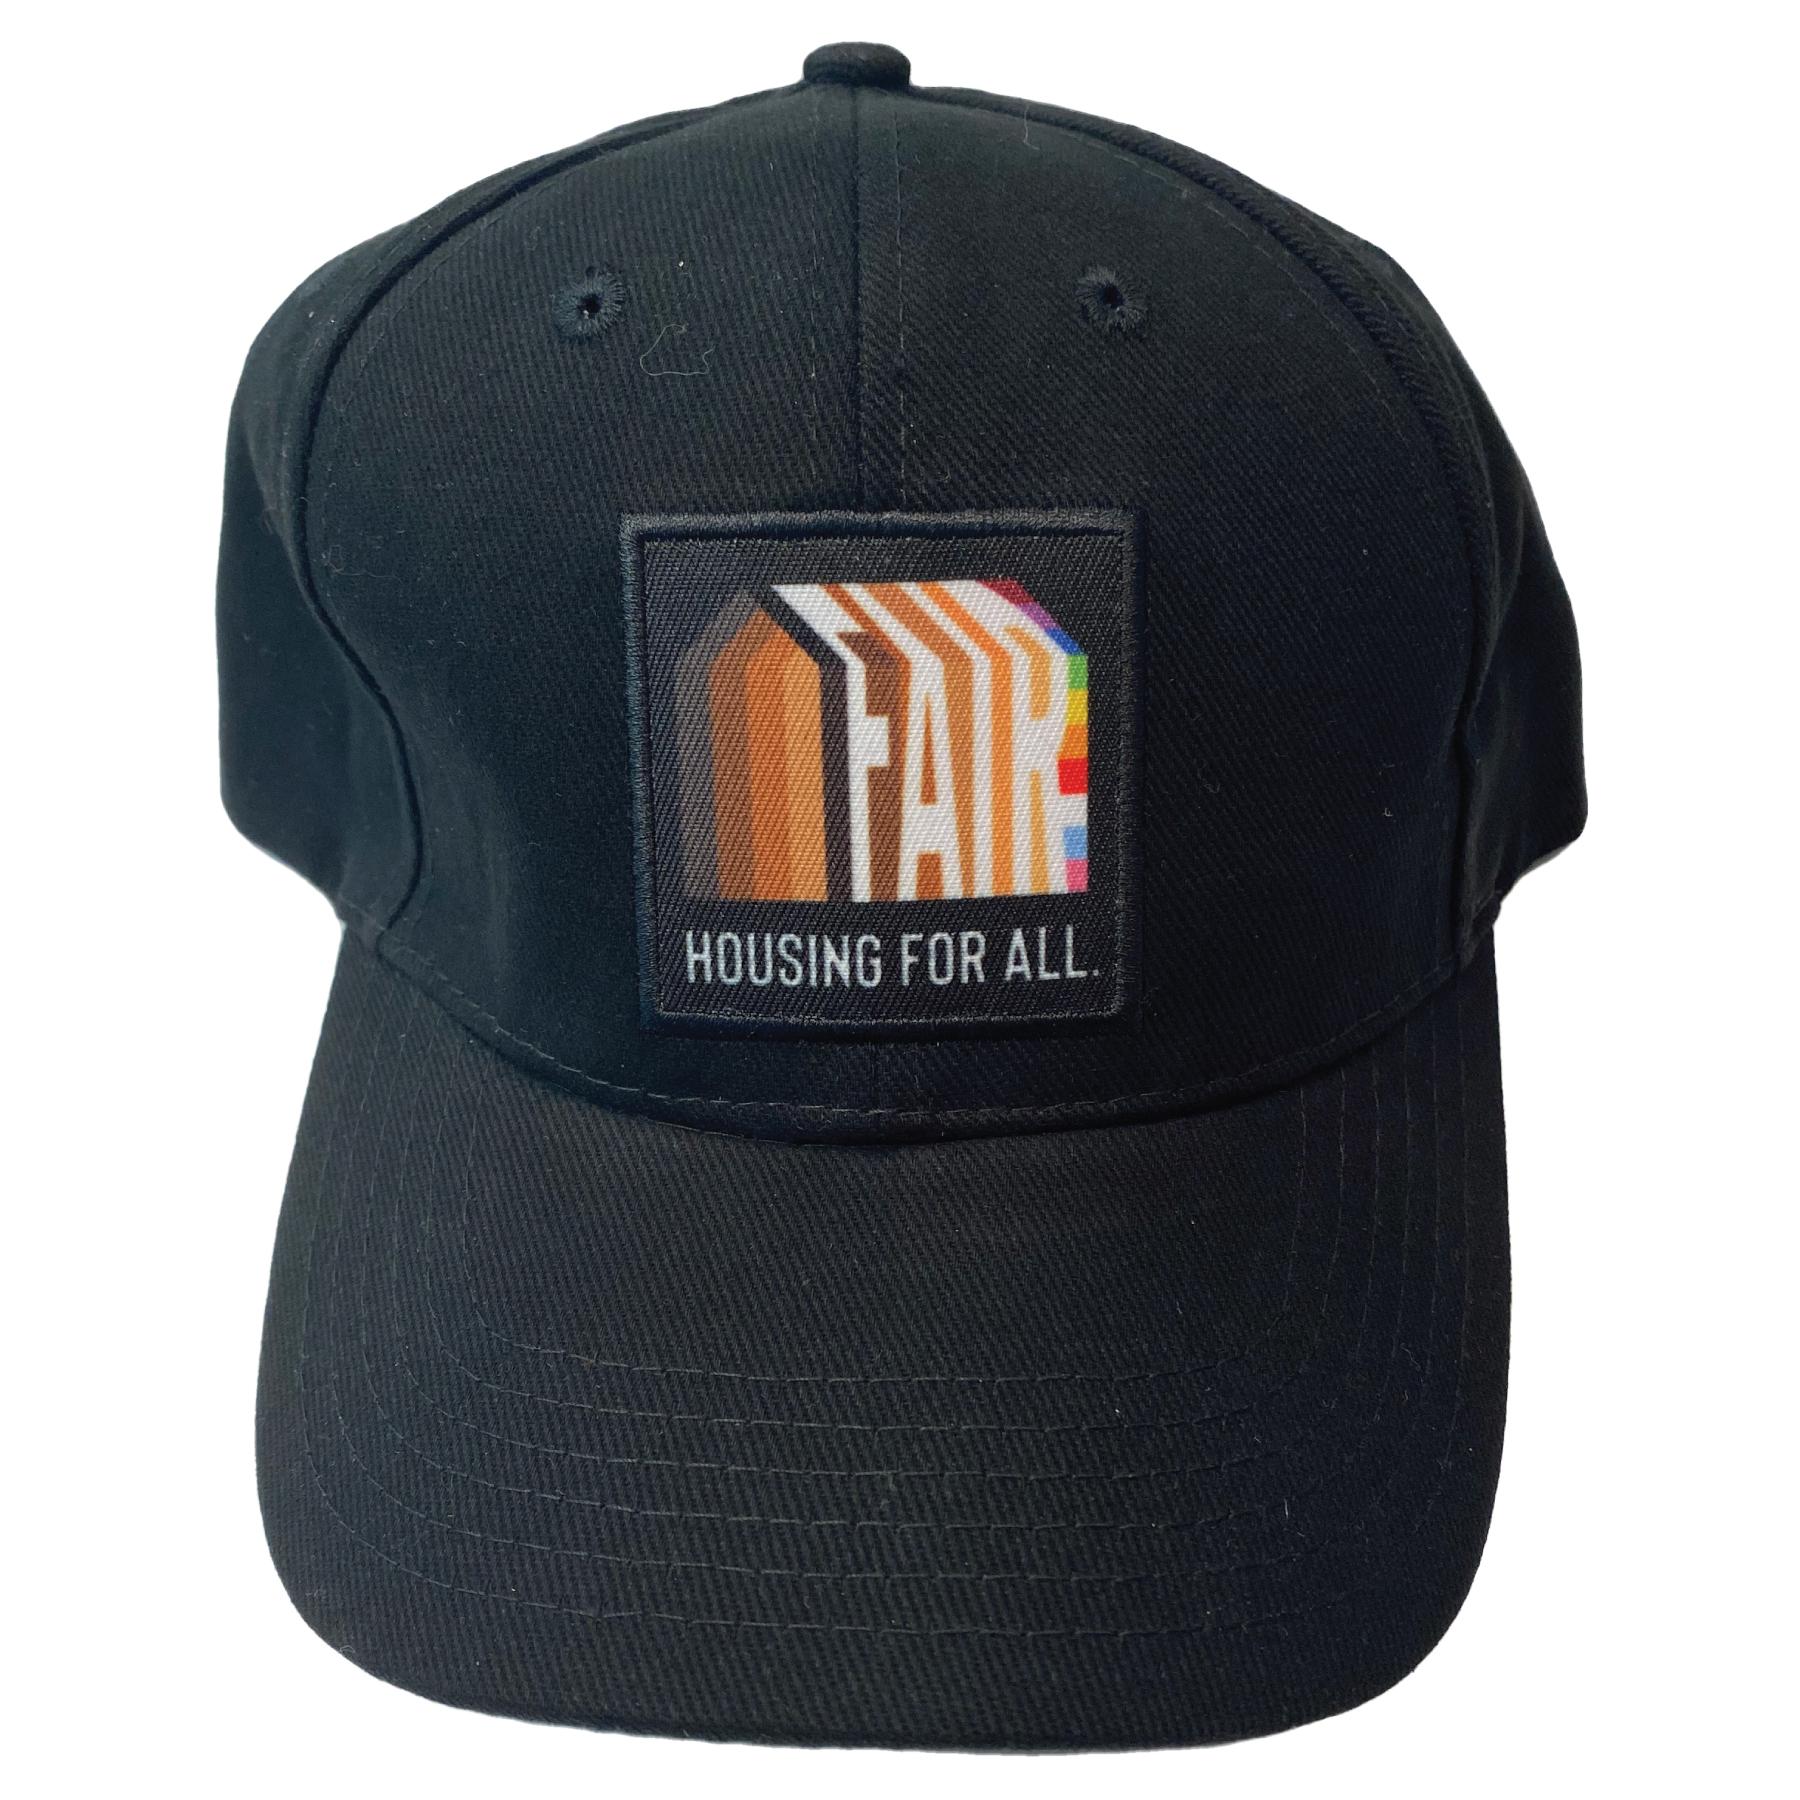 Fair Housing Cotton Hat - FH1004